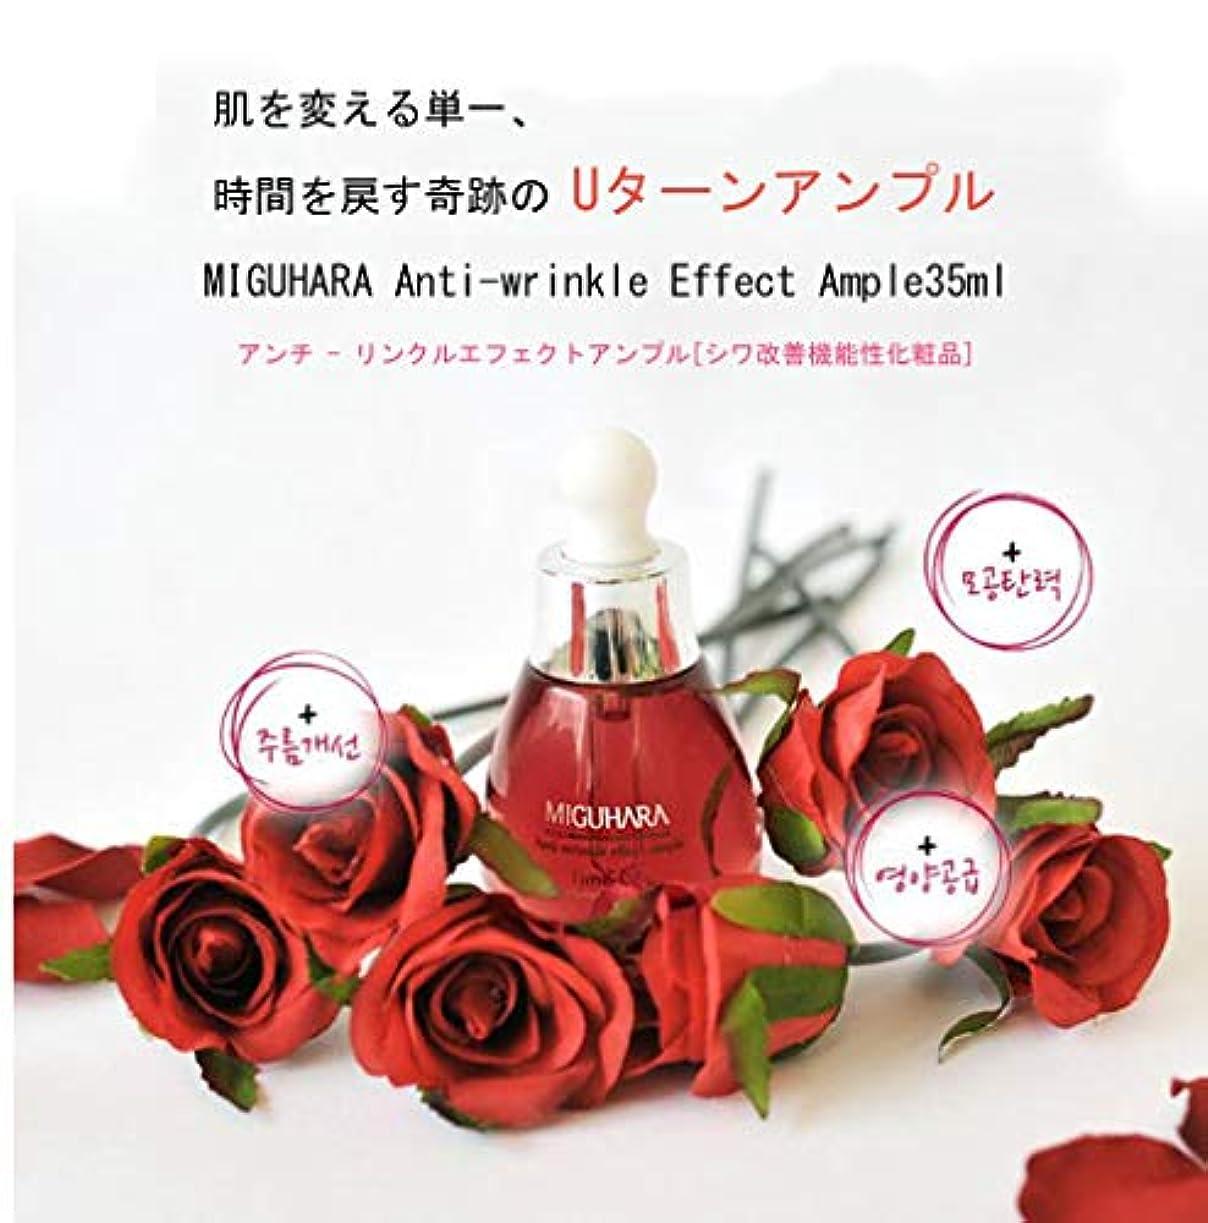 冗談で突き刺す消毒剤MIGUHARA ミグハラ アンチ - リンクル エフェクト アンプル ANTI-WRINKLE EFFECT AMPLE 35ml/アンチ-リンクルエフェクトアンプル 35ml